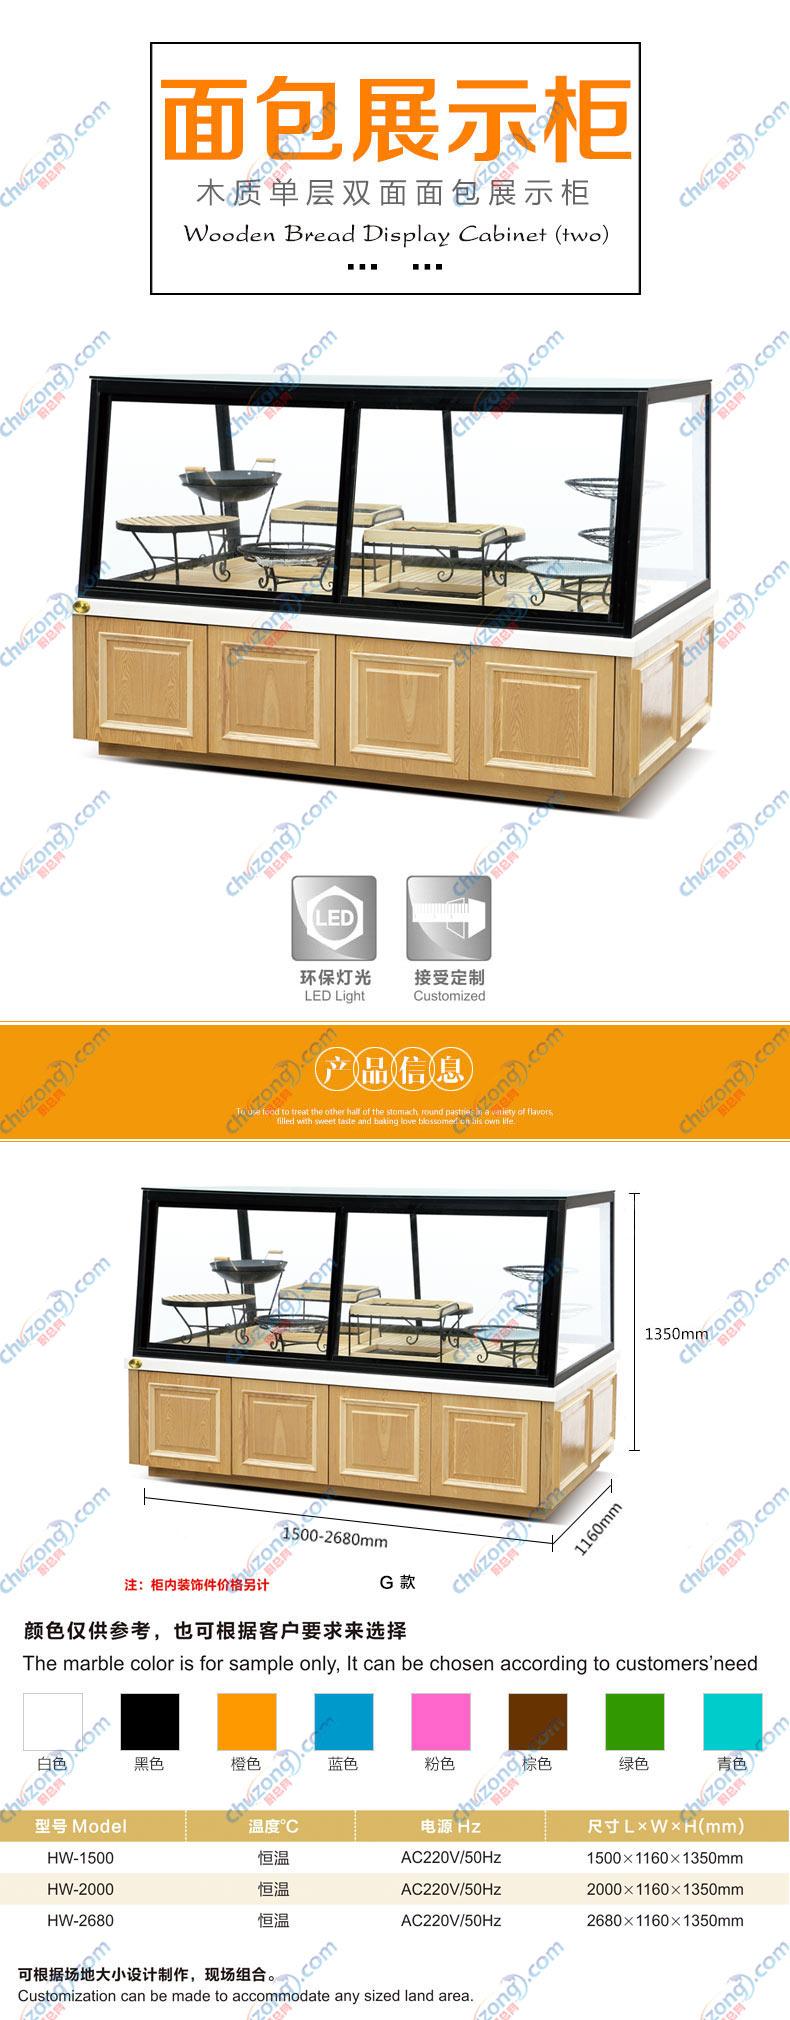 广菱面包柜图片